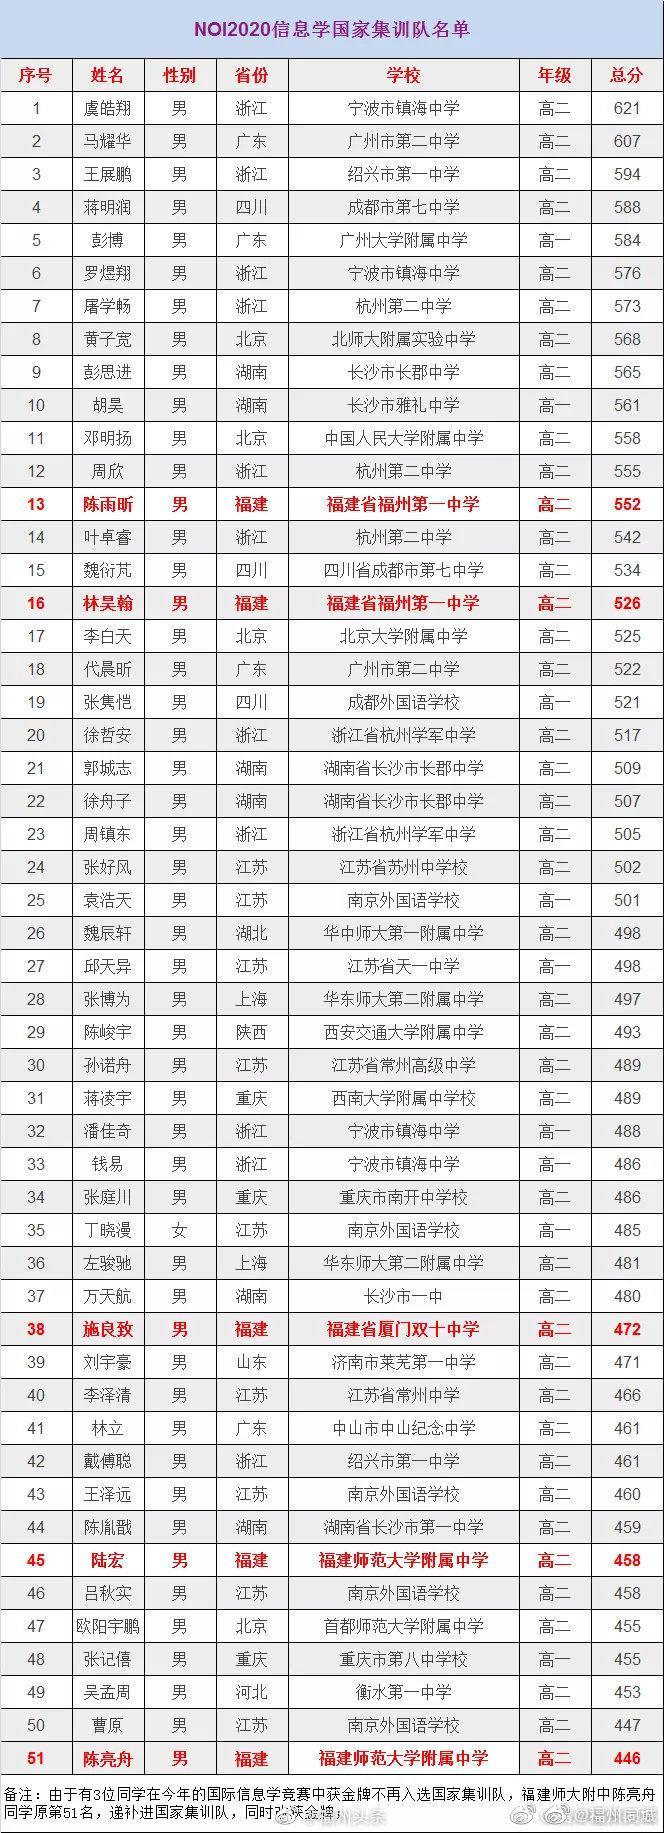 定了!信息学奥赛国家集训队福建获5席,福州学子占4席!